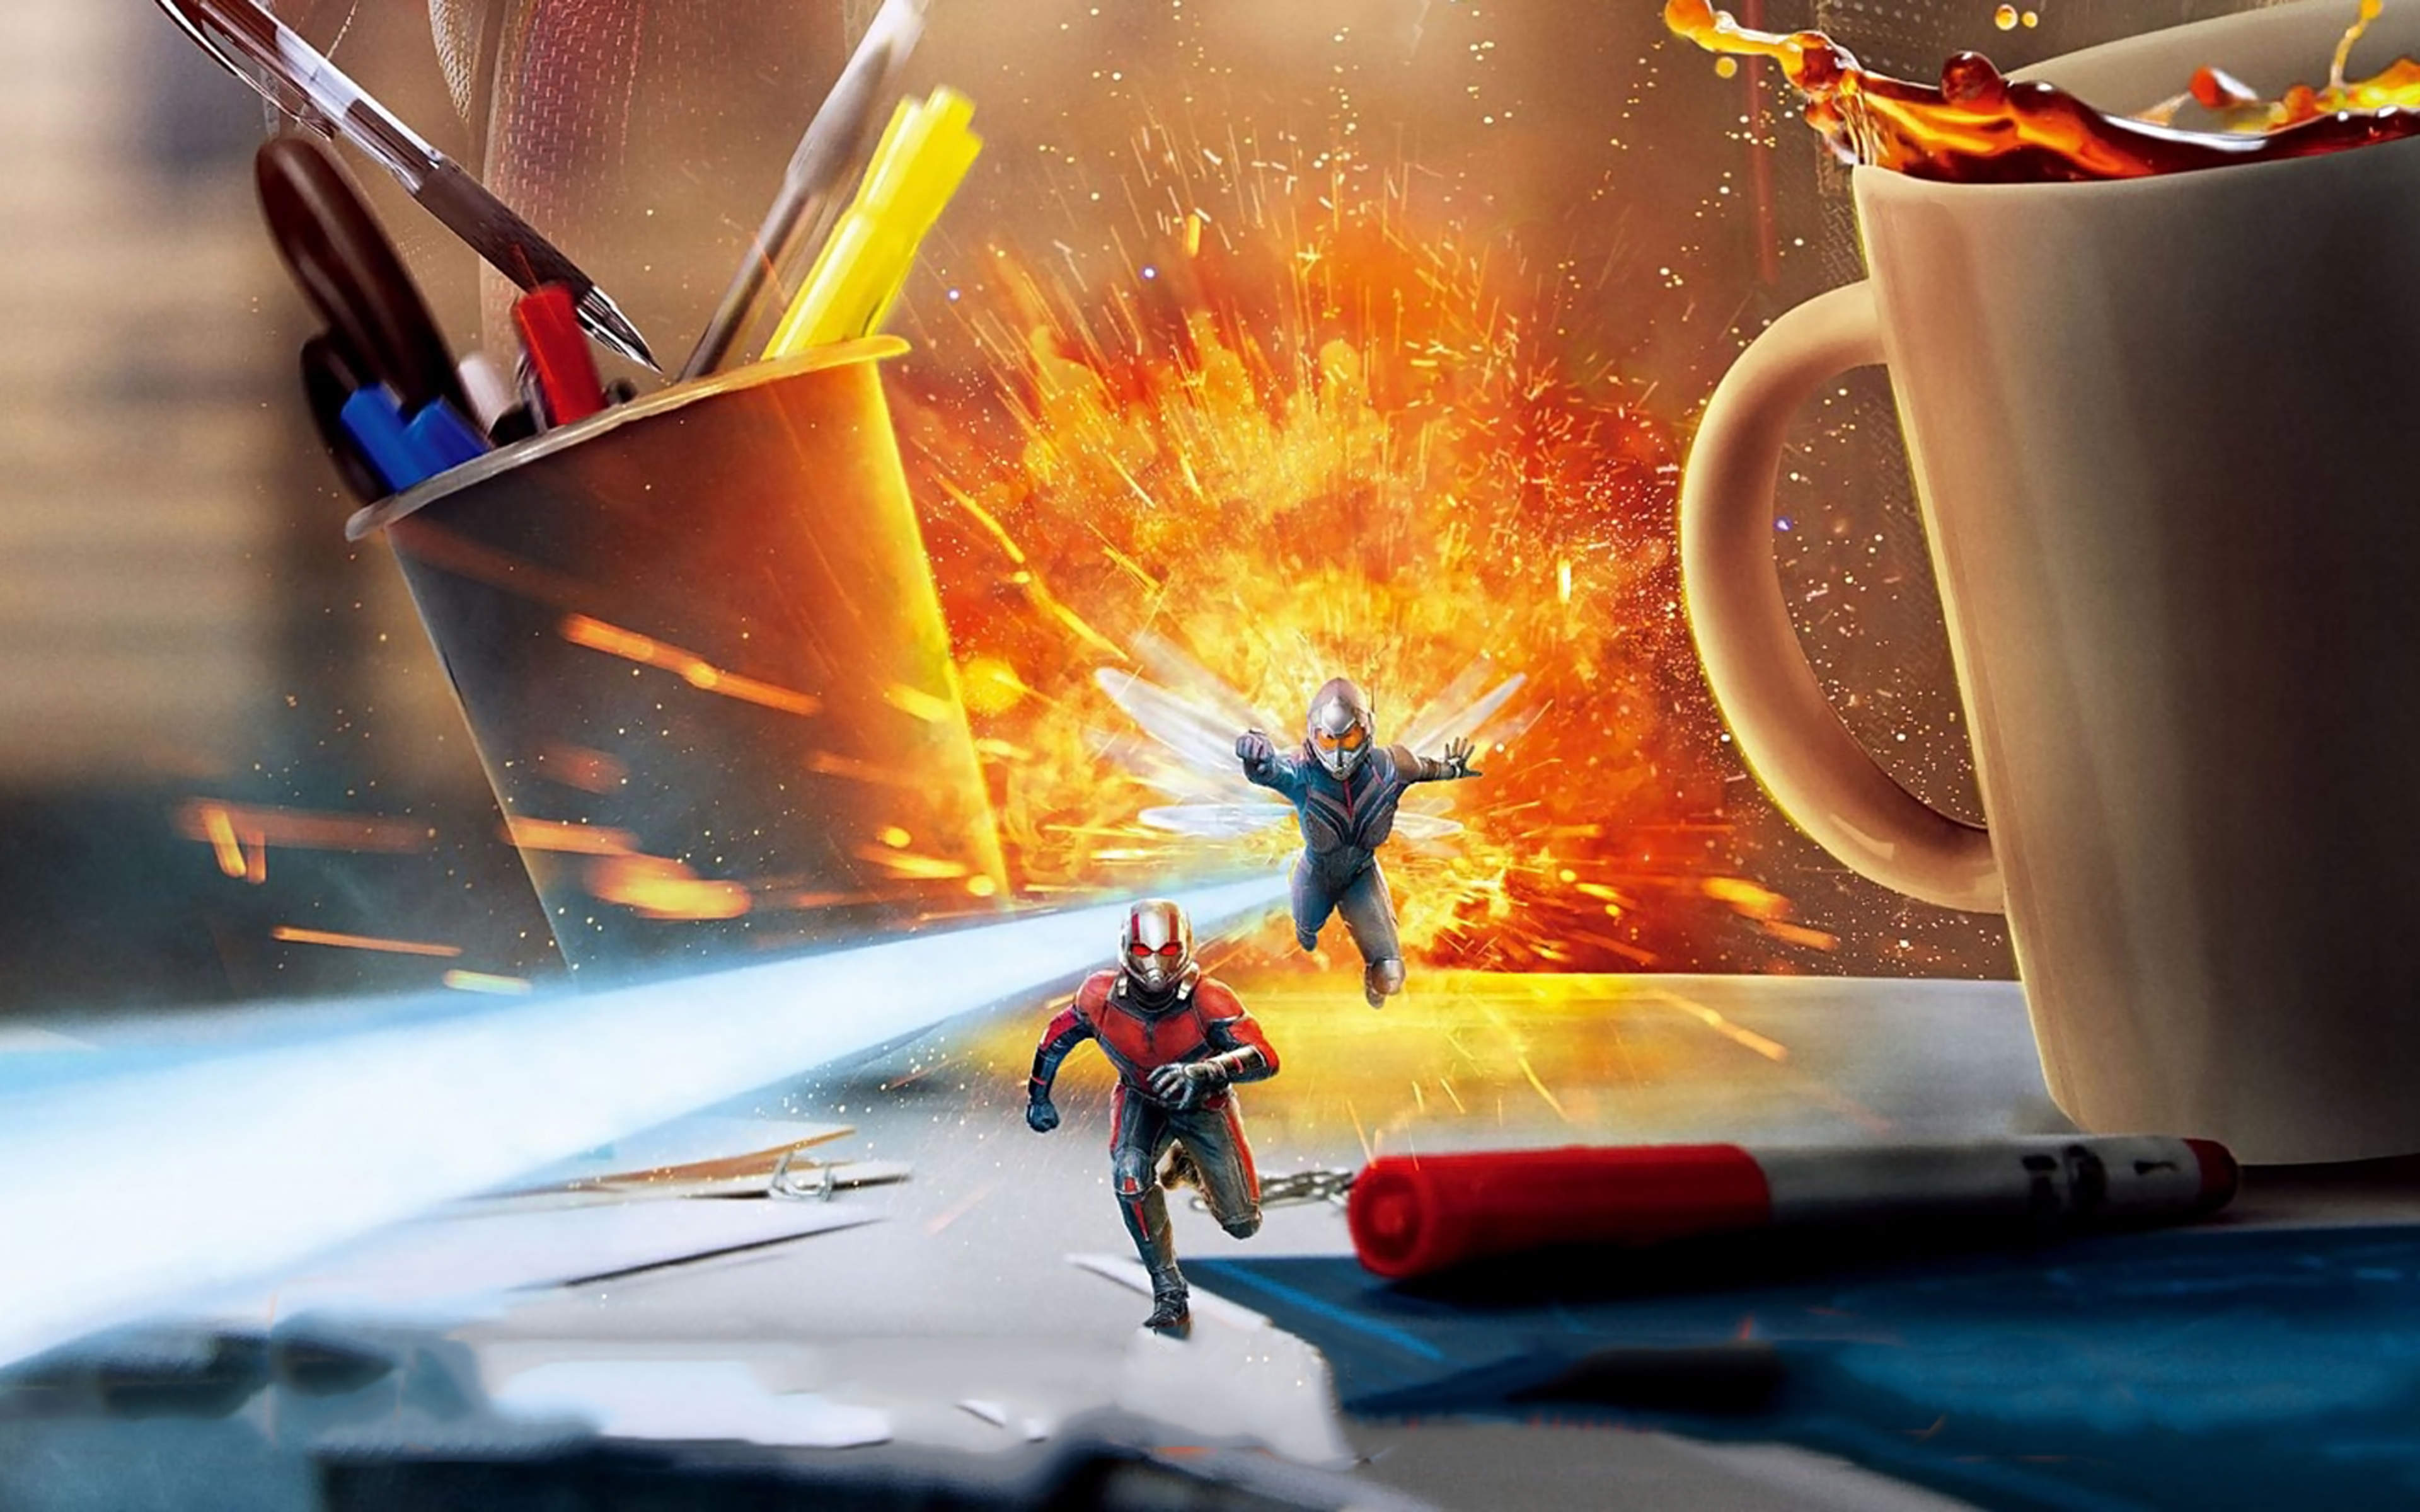 Fondos de pantalla Escena de Ant Man y la avispa